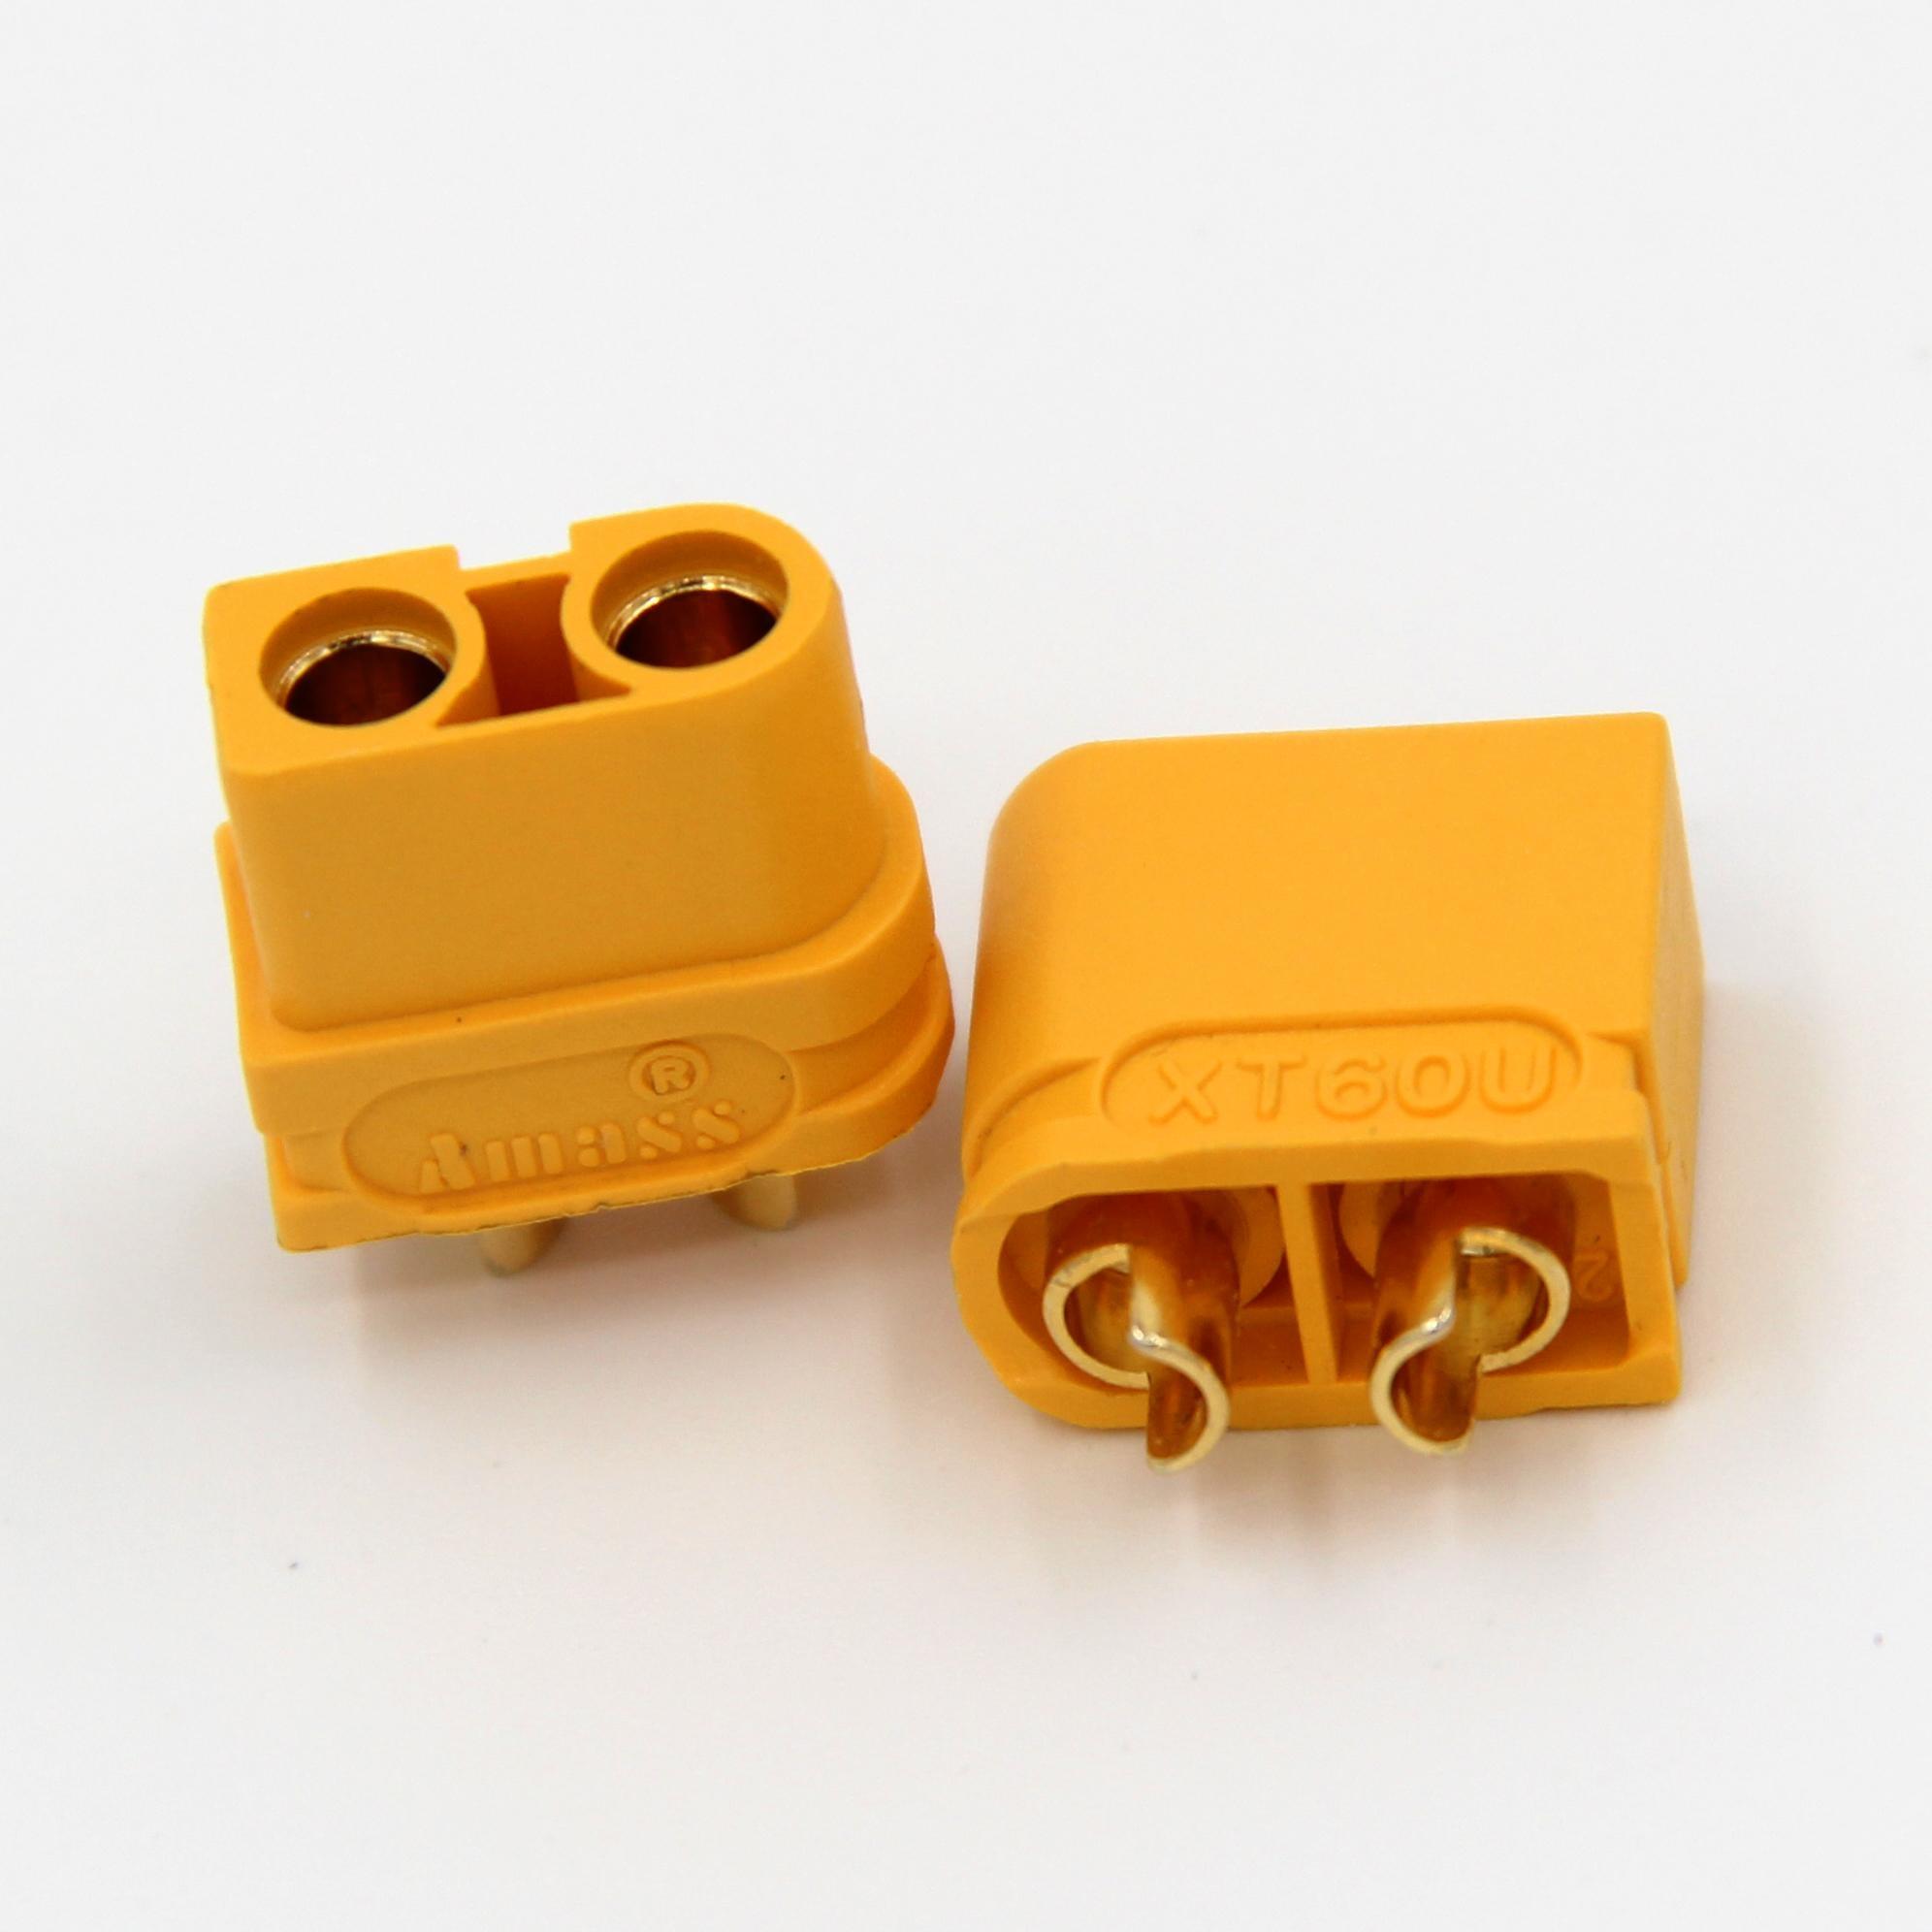 XT60U插头控制器插头电池插头批发 2